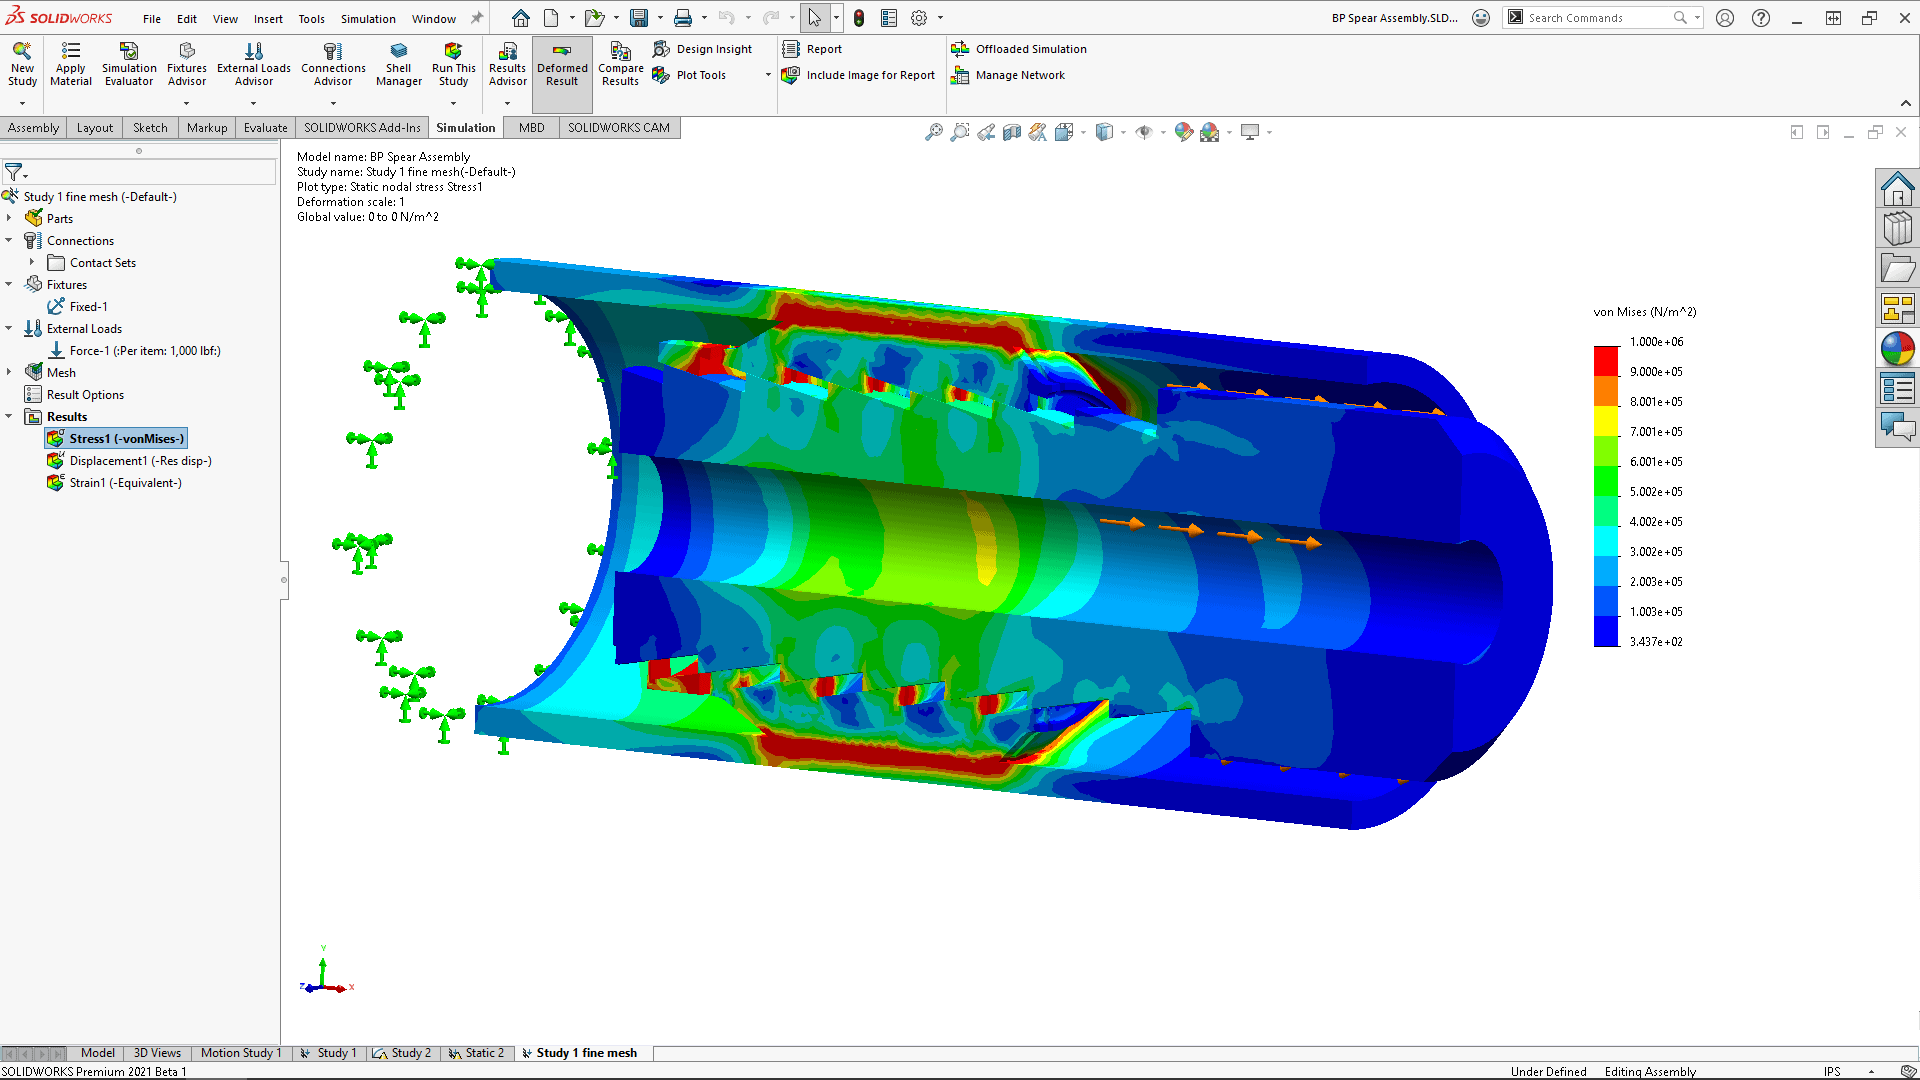 SOLIDWORKS Simulation 2021 Screenshot von Simulationsmodell mit zahlreichen Kontaktelementen